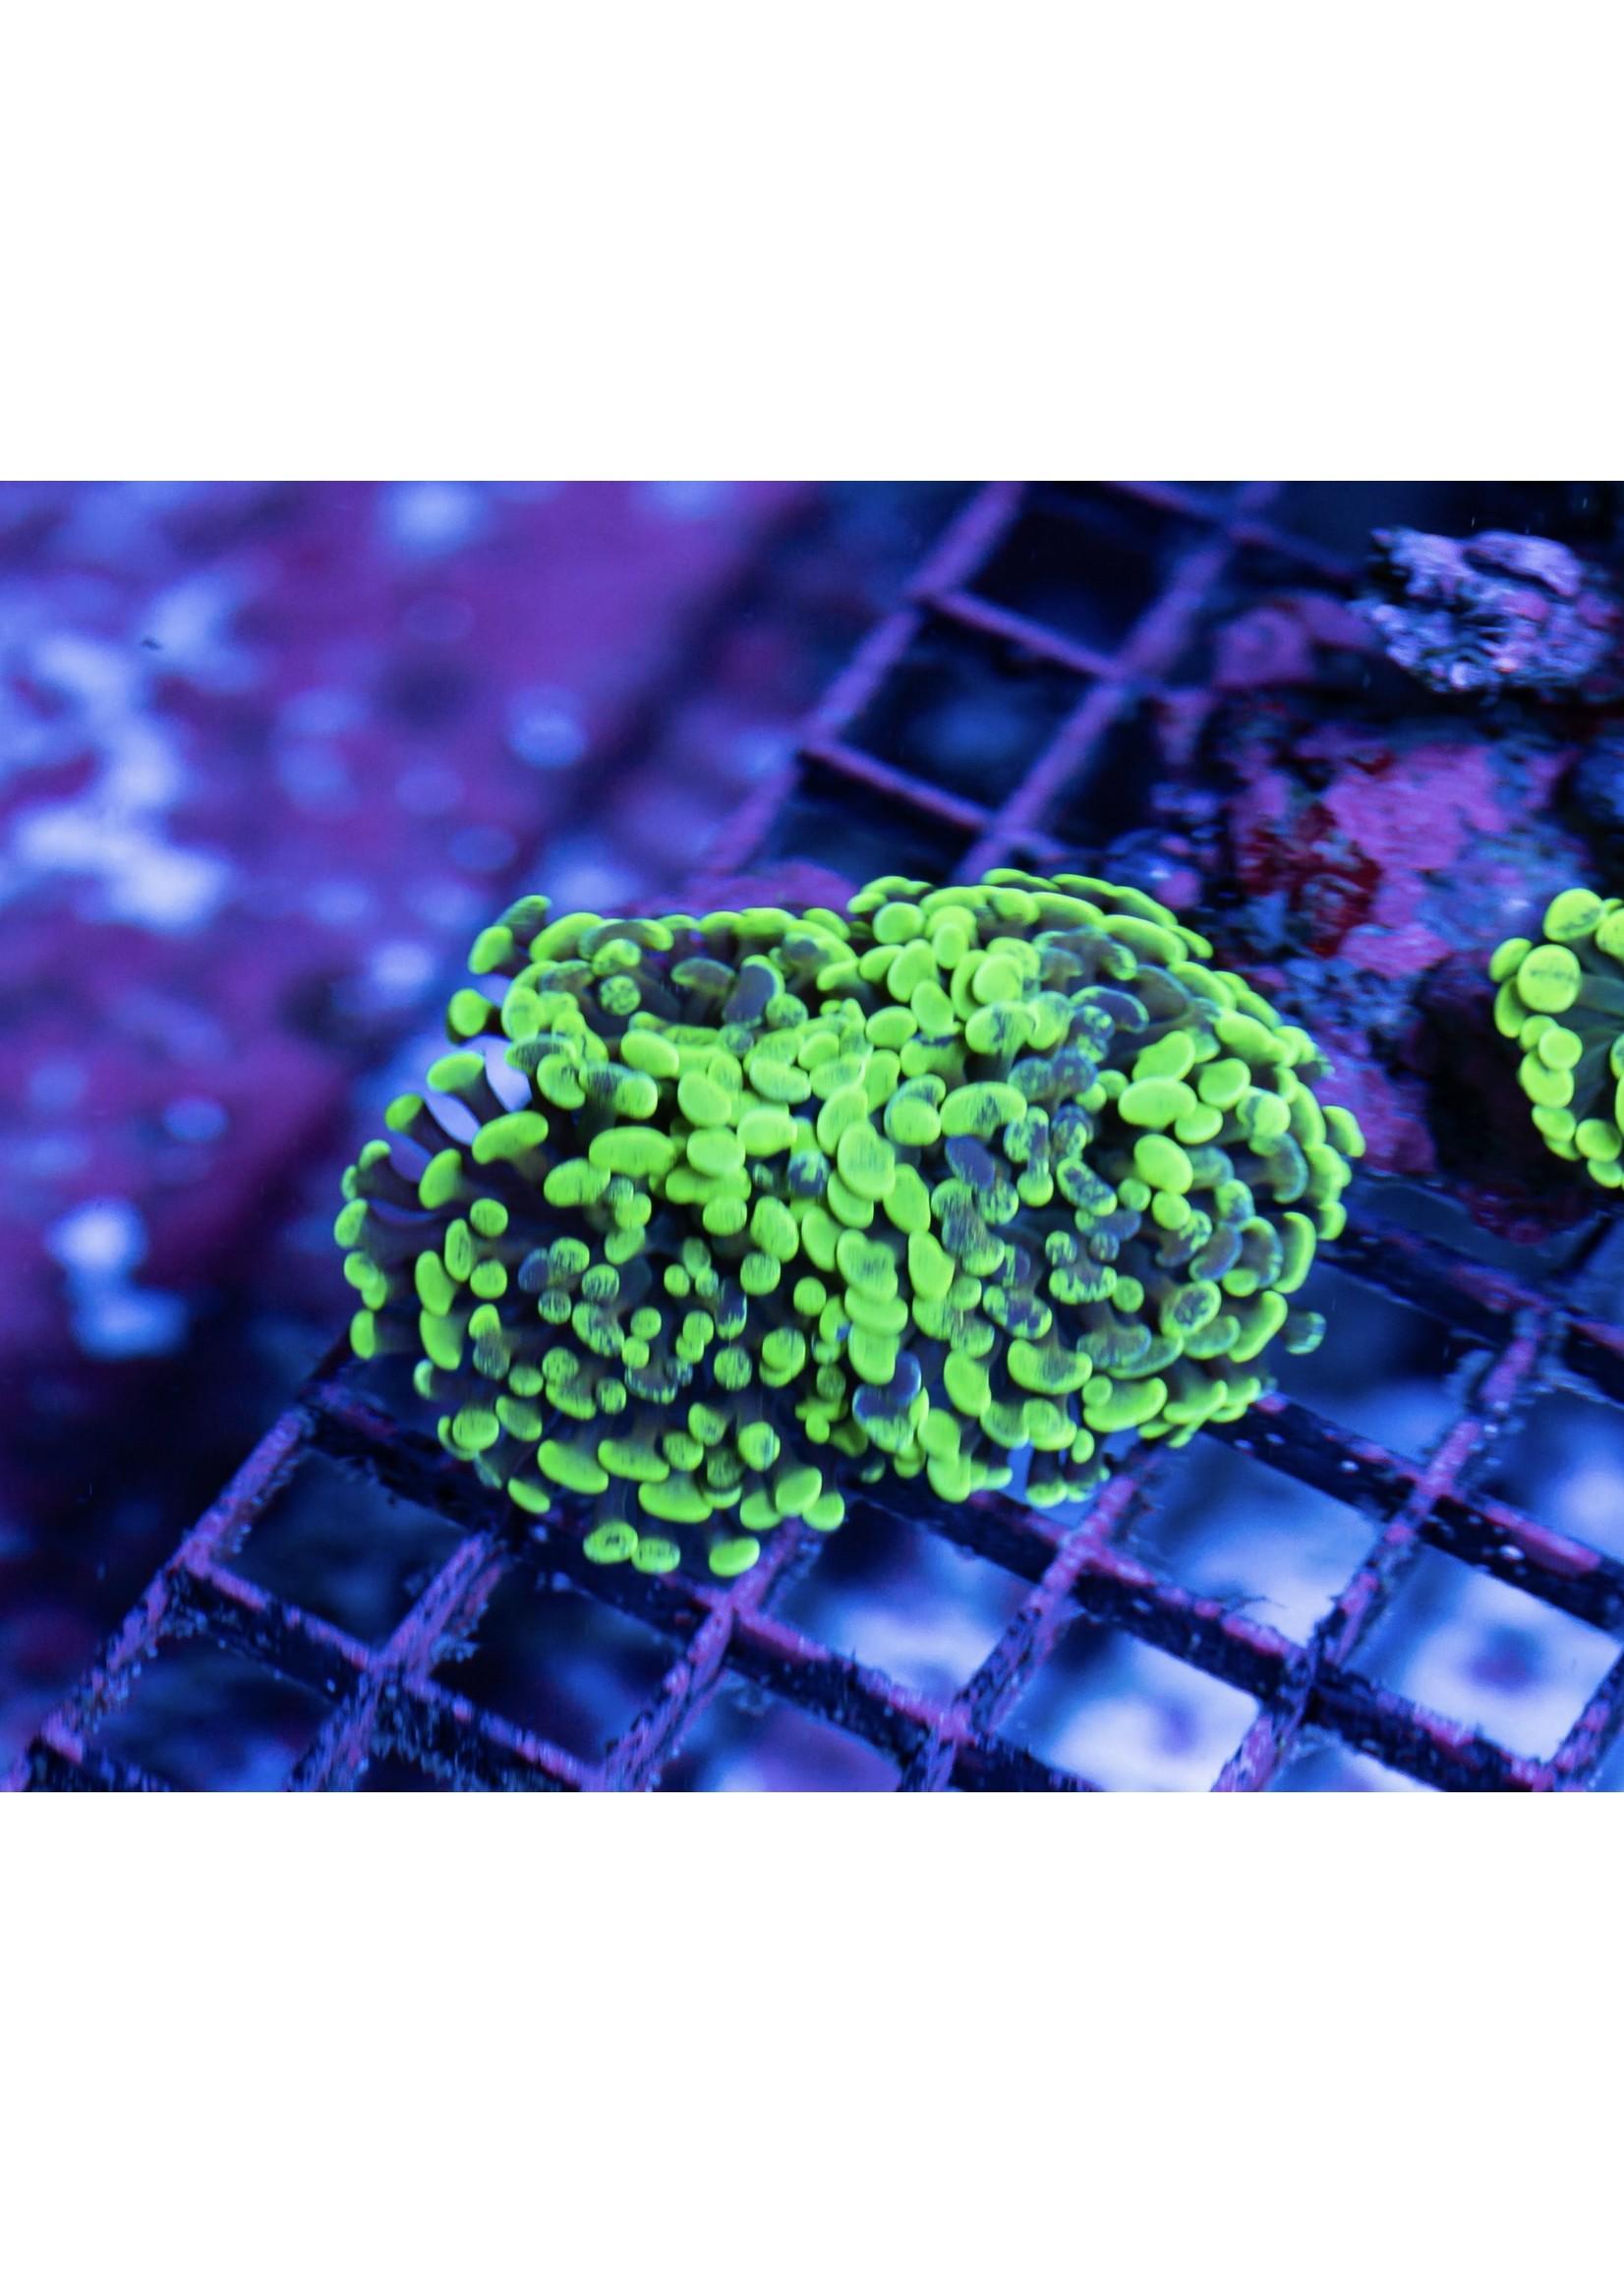 Hammer Indo Neon Splatter Hammer  WYSIWYG